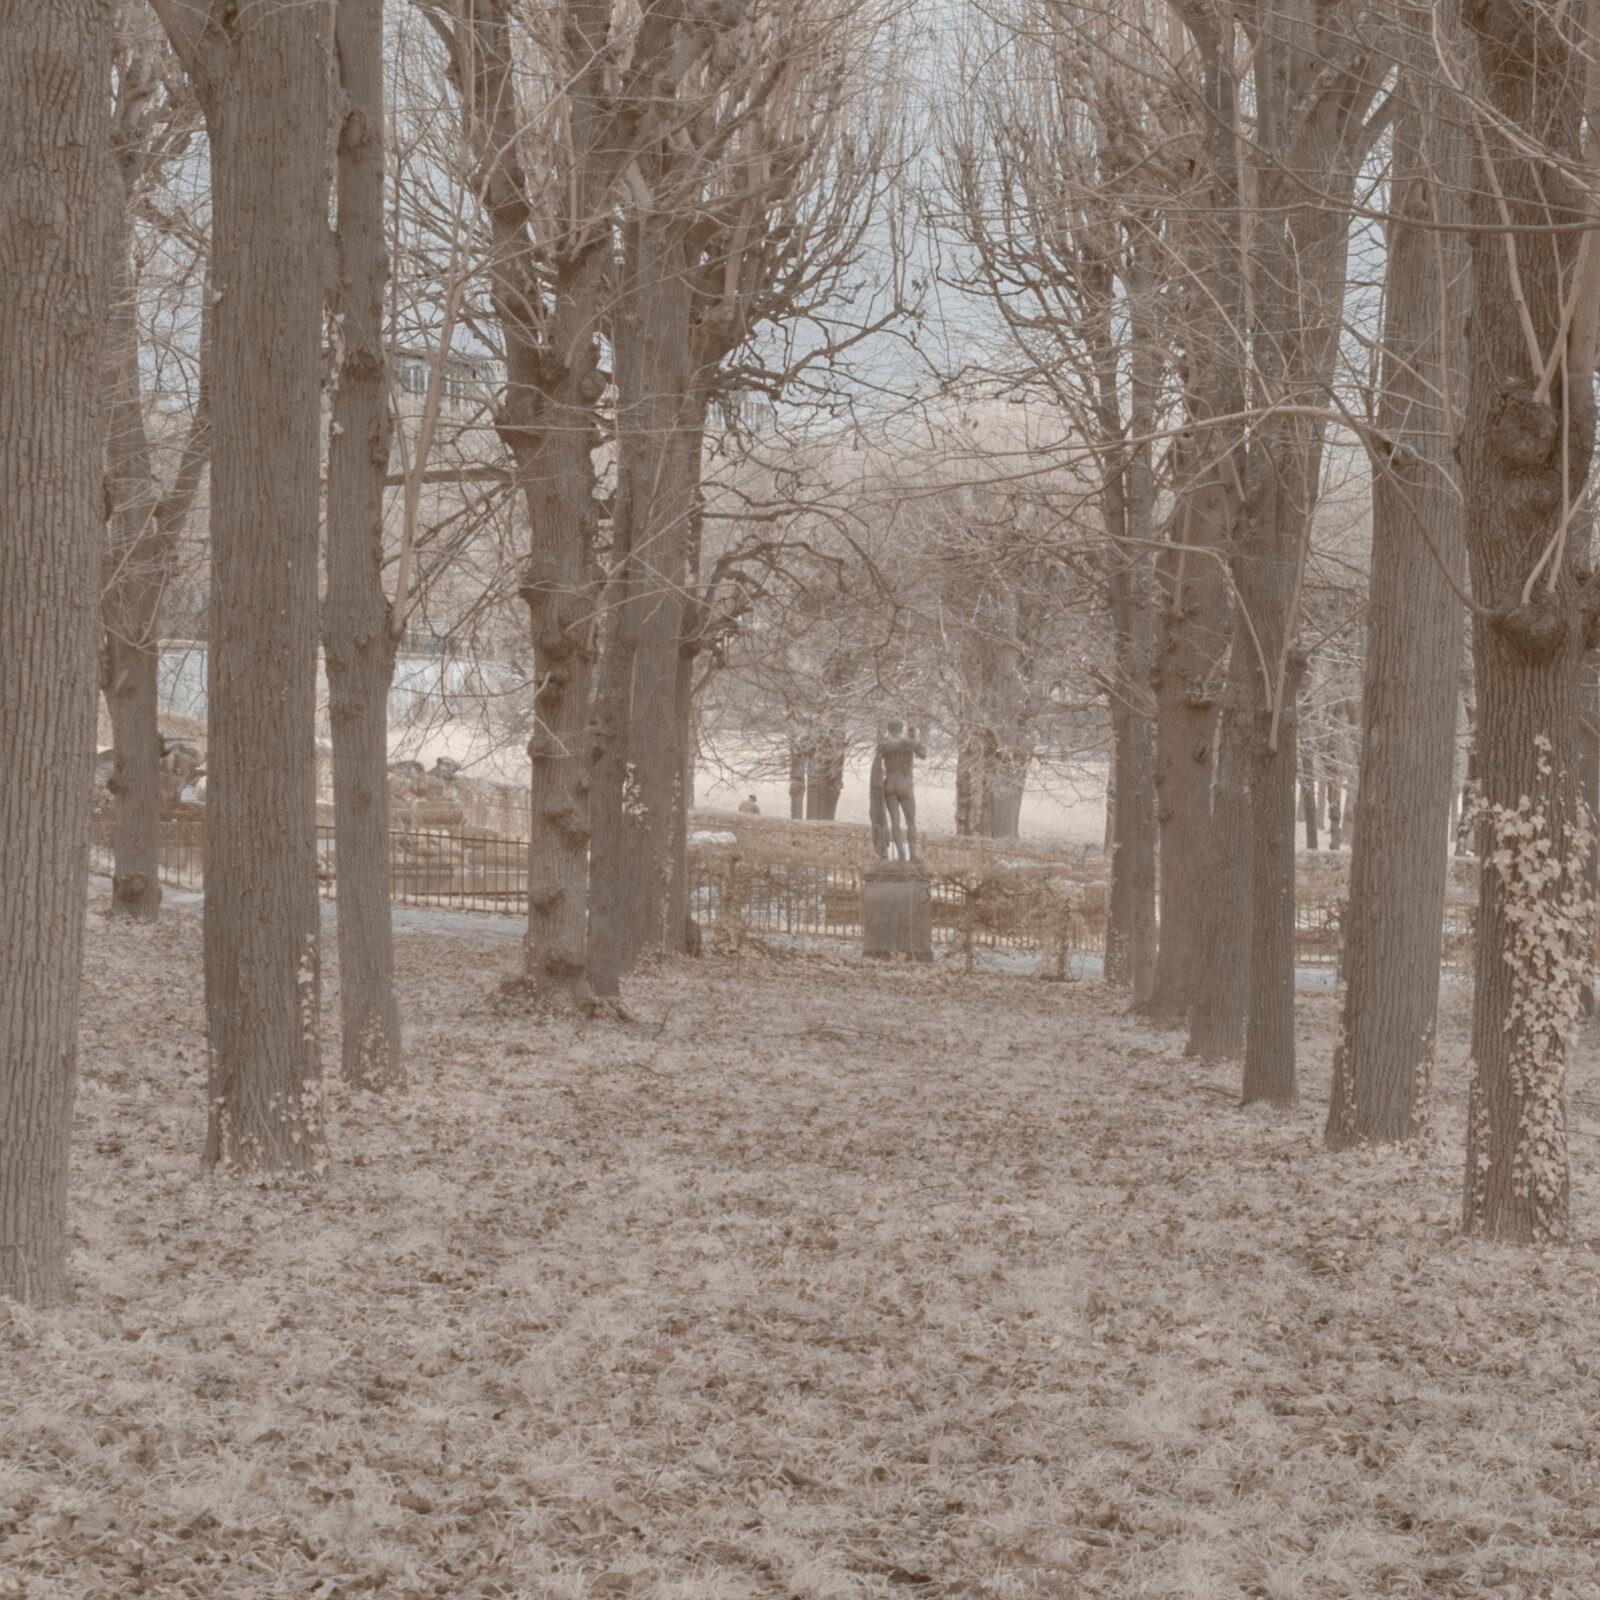 DETAILS 2 24mm F5.6 CANON 1 | Pierre-Louis Ferrer | Test du SIGMA 24mm F/1.4 DG HSM Art en photographie infrarouge | Partie 1